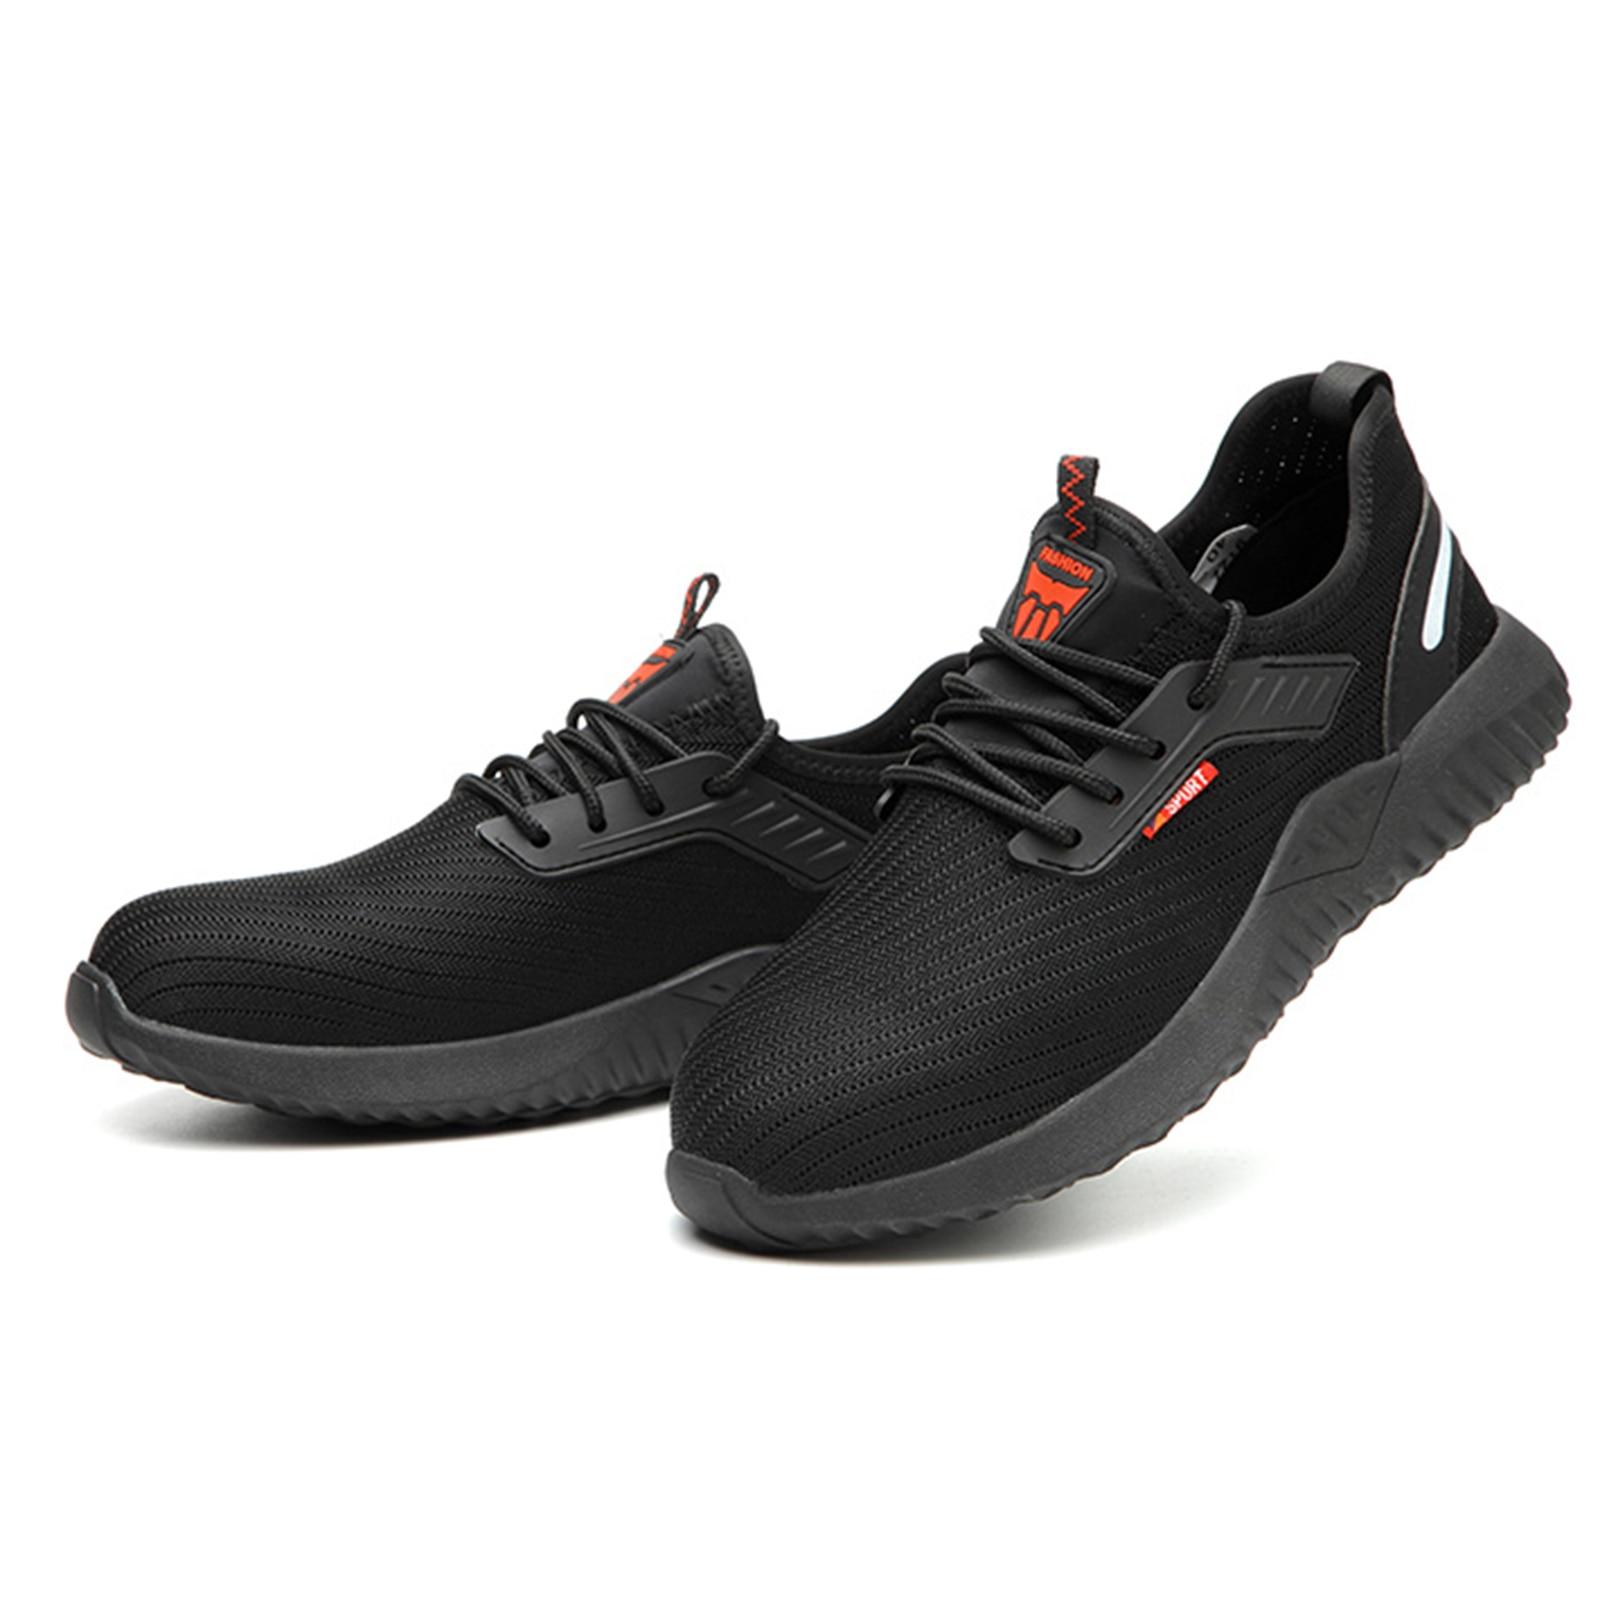 الصلب أحذية سلامة بفتحة لأصبع القدم العمل حماية أحذية للرجال النساء العمل أحذية رياضية تنفس خفيفة الوزن الصناعية والبناء